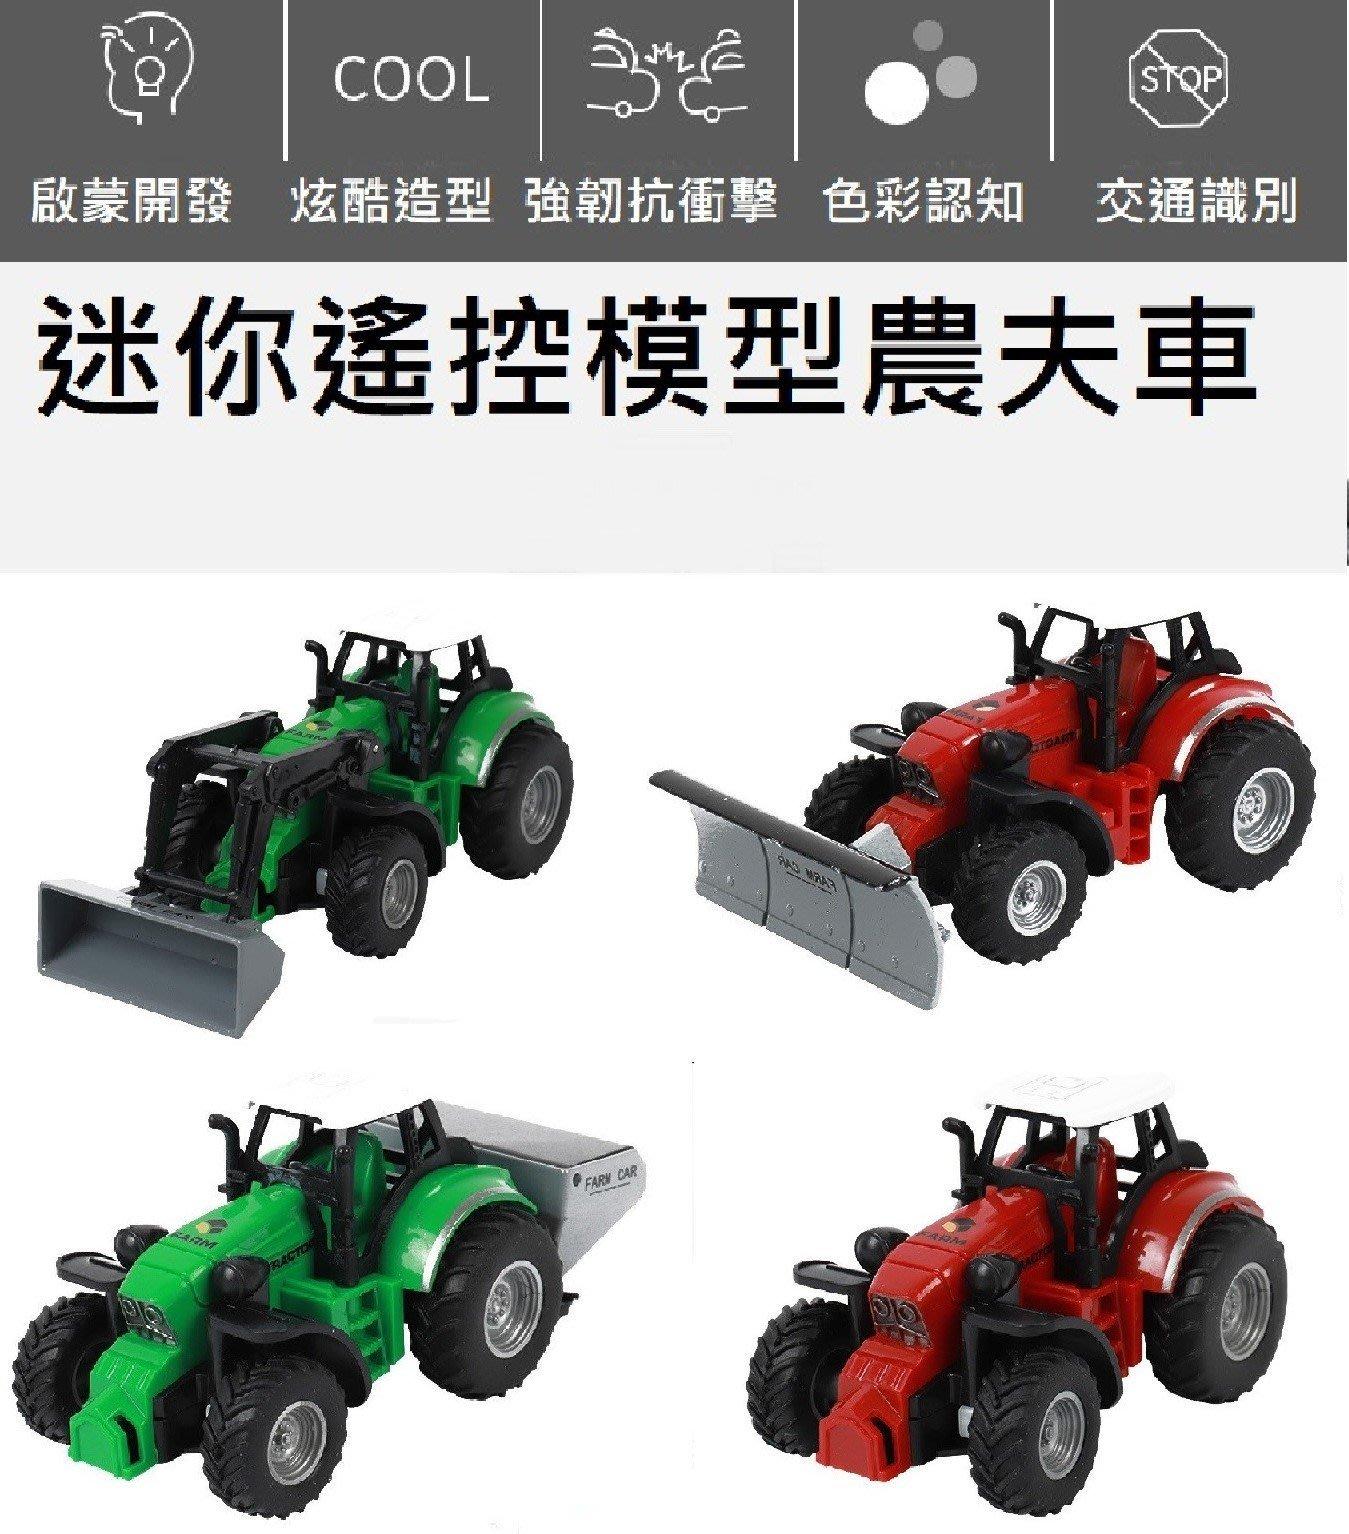 O松鼠窩雜貨舖O(現貨) 迷你遙控農夫車2.4G遙控1:64充電模型遙控車(現貨)